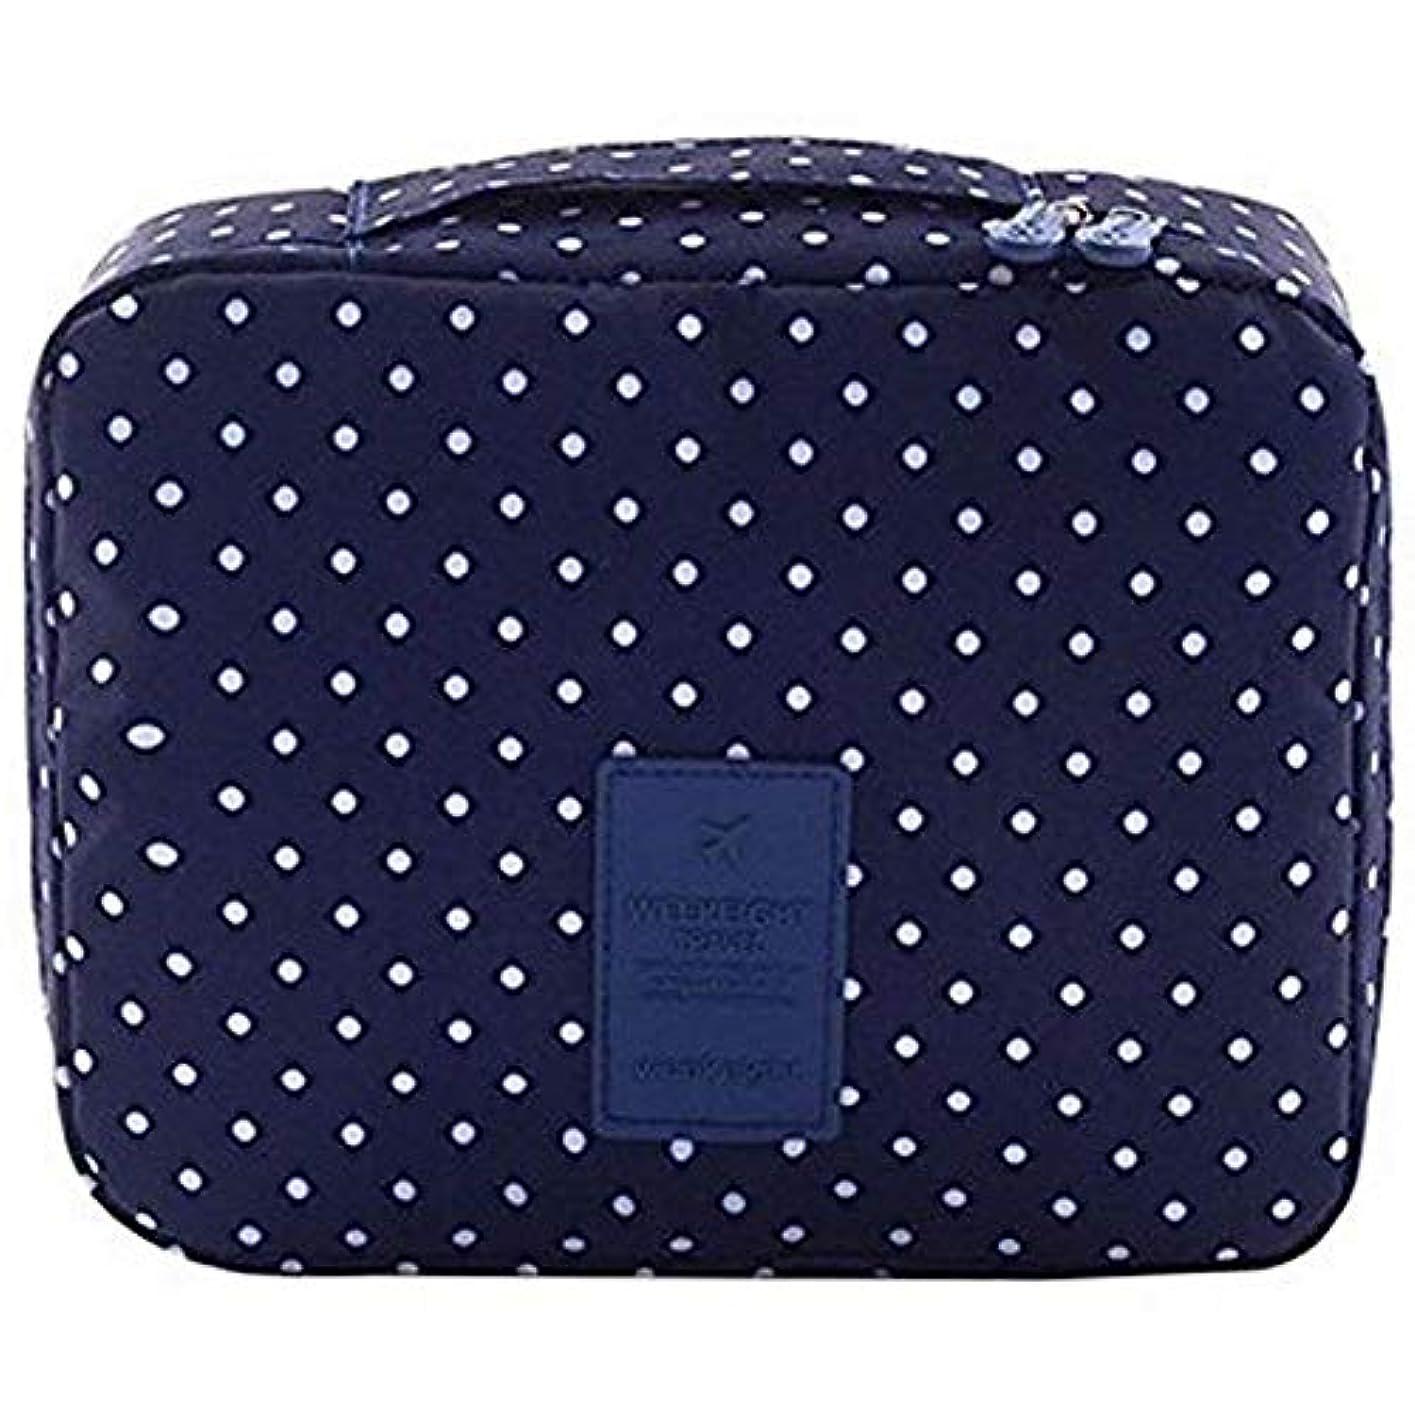 弾性左容量Semoic 旅行化粧品バッグ印刷多機能ポータブルトイレタリーバッグ化粧品メイクポーチ旅行用のケースオーガナイザー(海軍サークル)